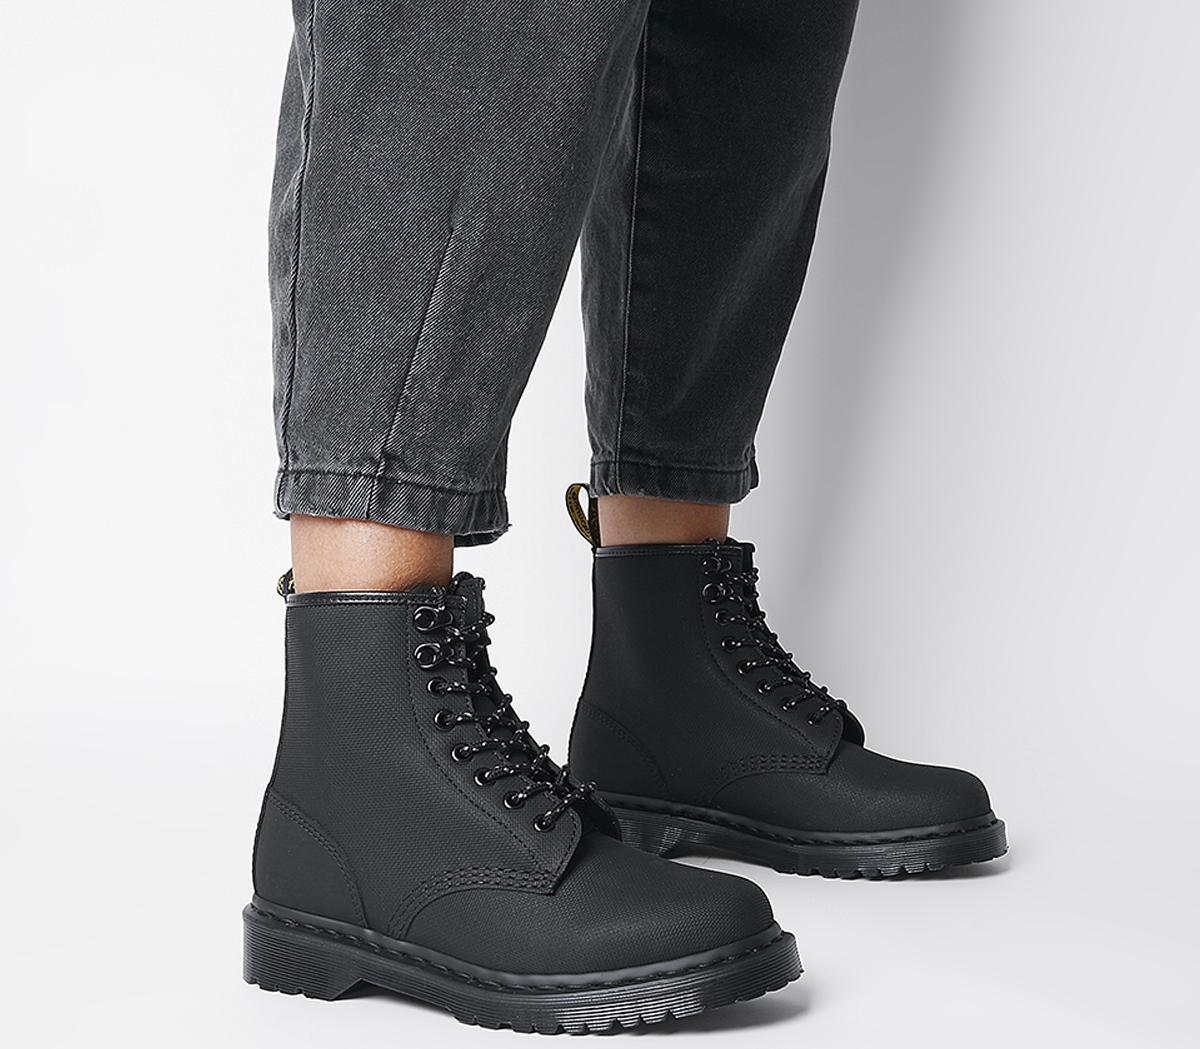 8 Eye Hiker Boots